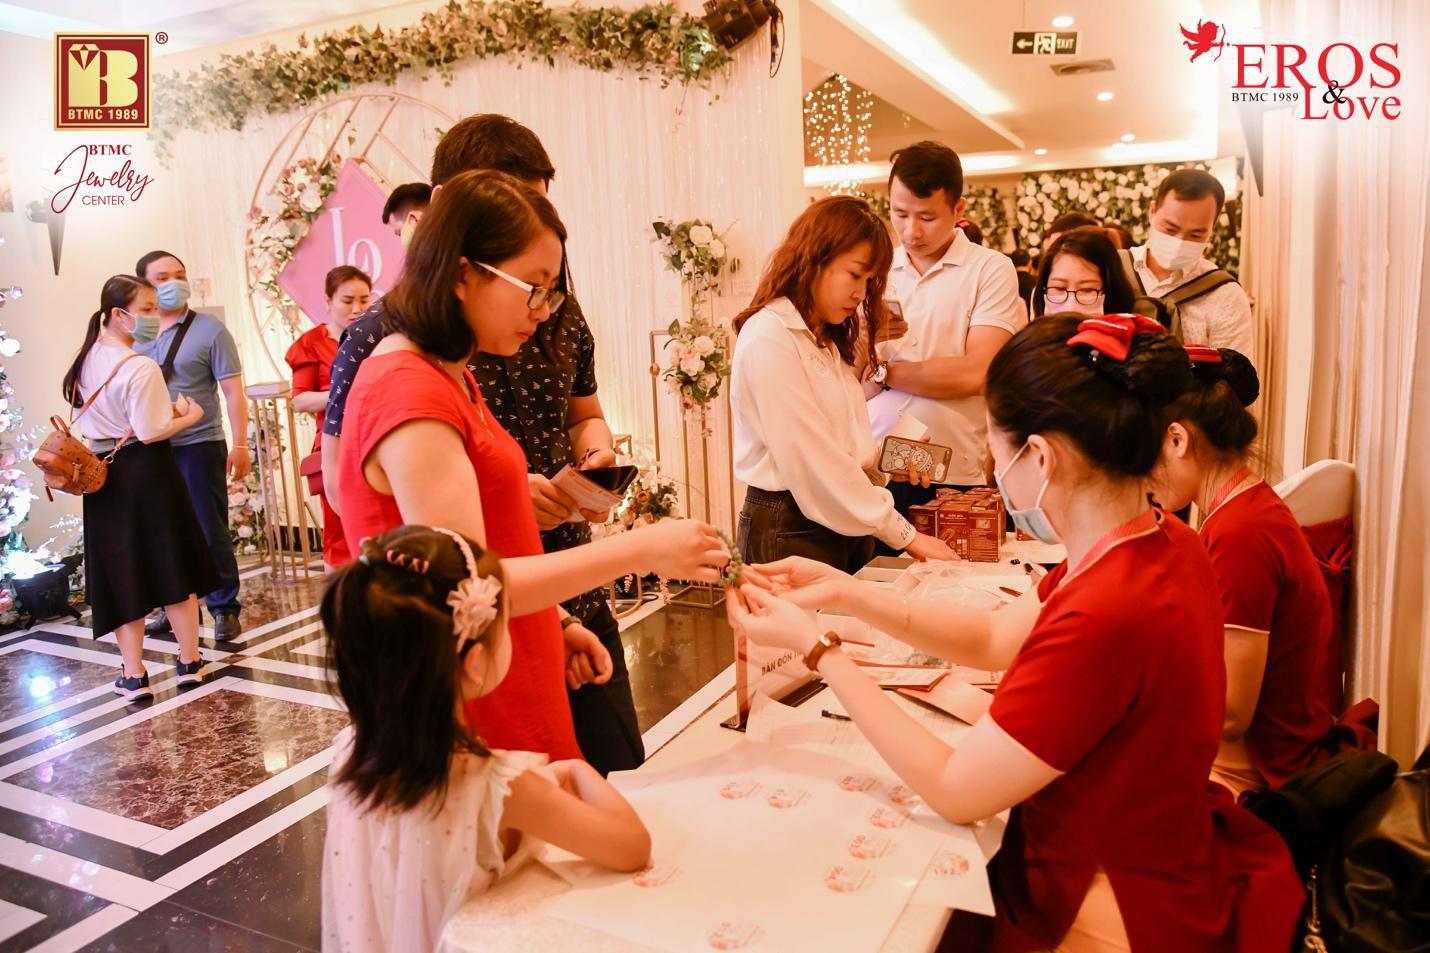 Bảo Tín Minh Châu bốc thăm và trao giải thưởng mùa cưới 2020 - 2021 đợt 2 - Ảnh 6.